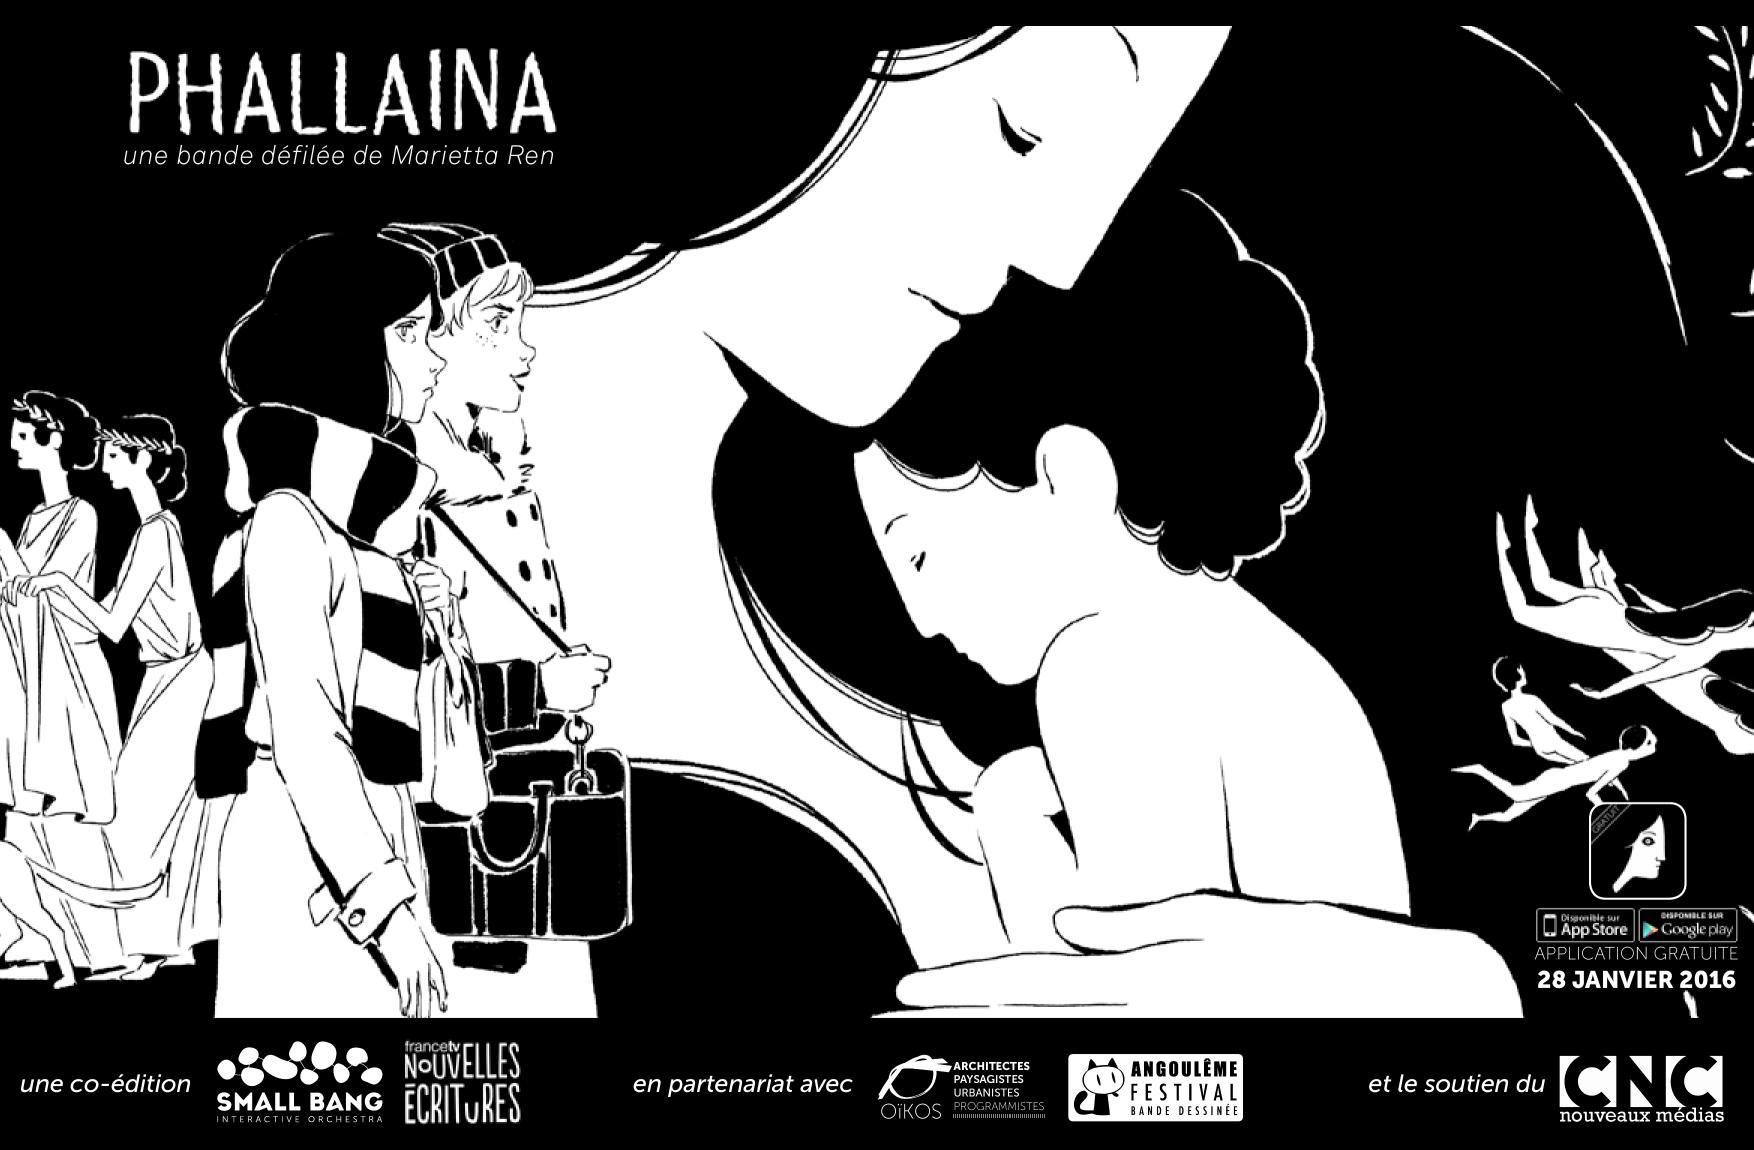 PHALLAINA_press